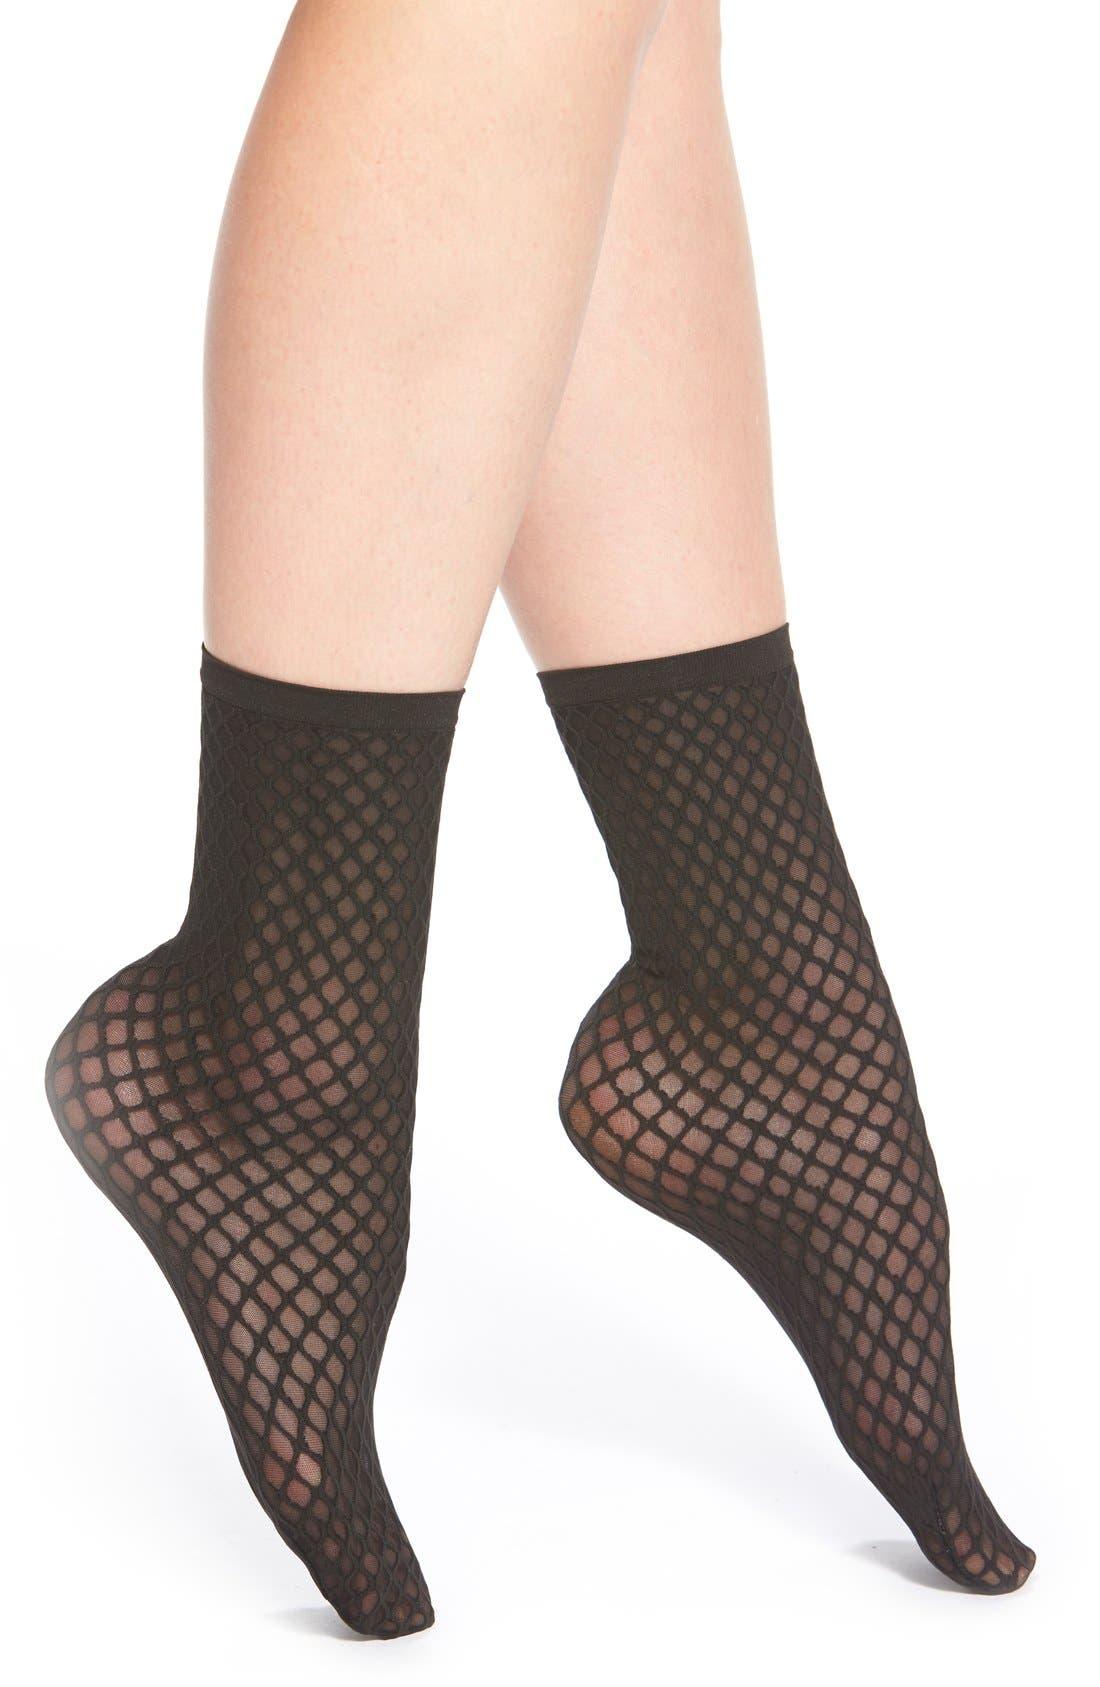 Main Image - Wolford 'Sibylle' Semi-Sheer Trouser Socks